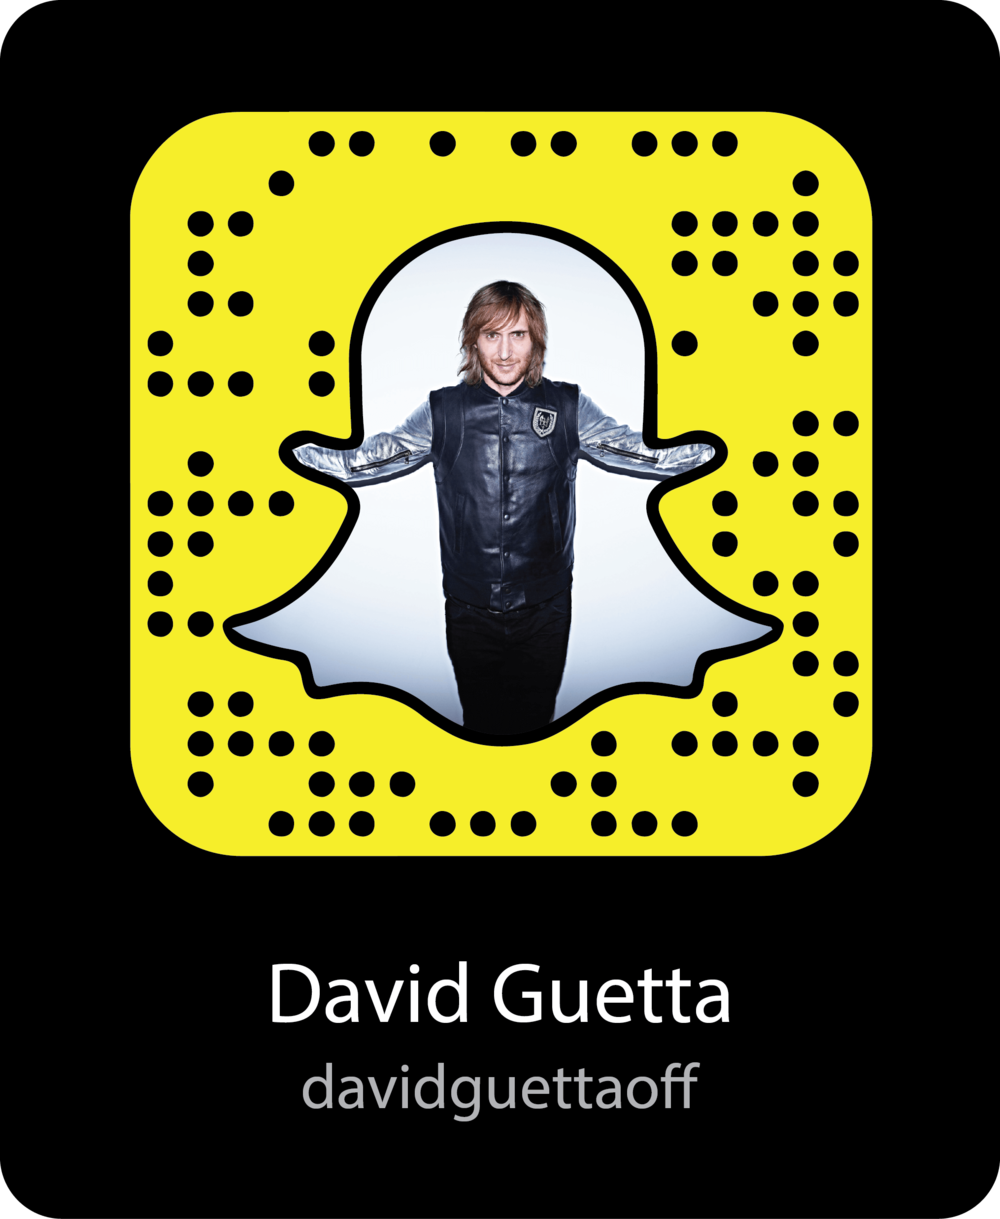 david-guetta-celebrity-snapchat-snapcode